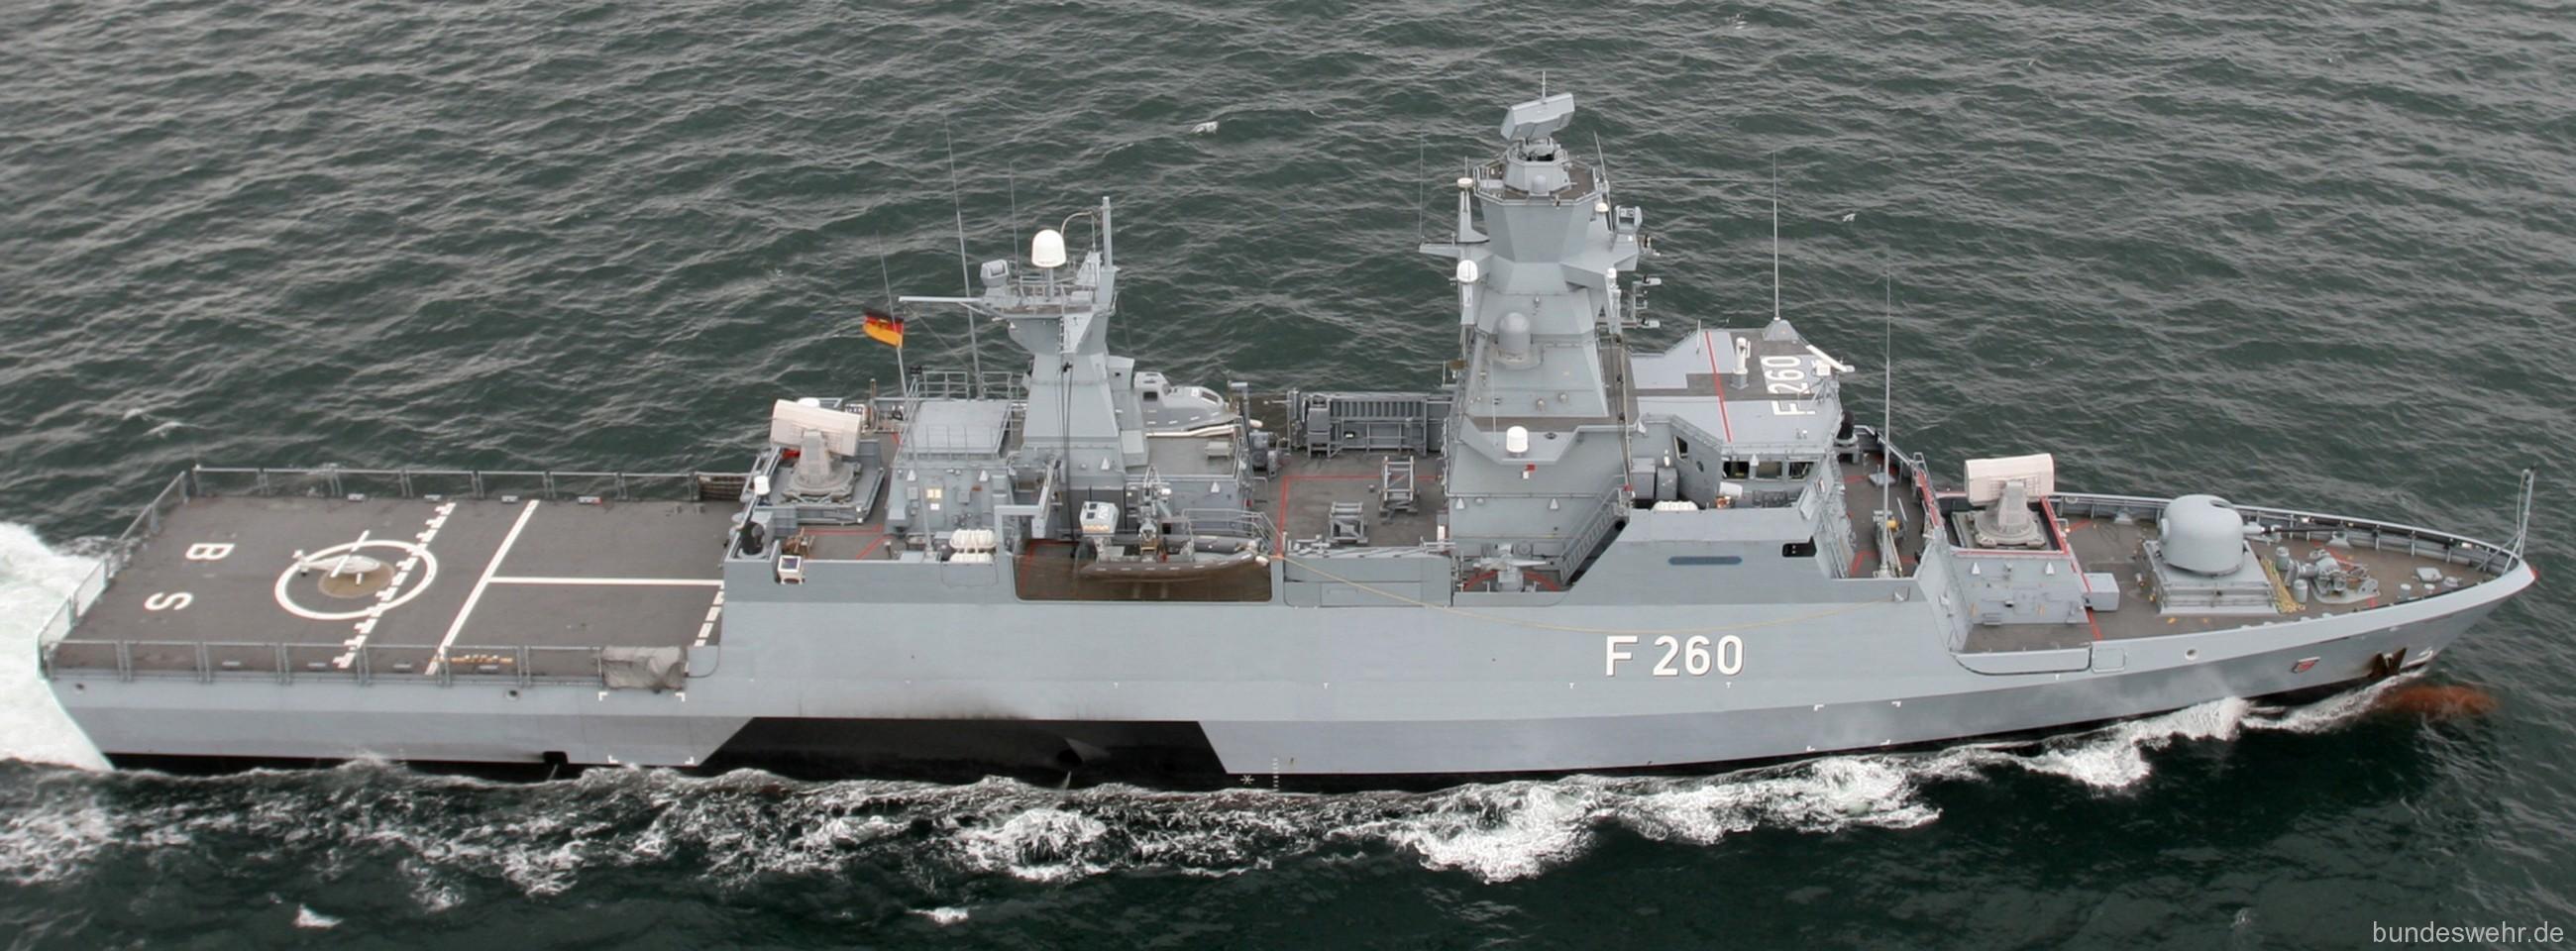 Type K130 Braunschweig class Corvette German Navy